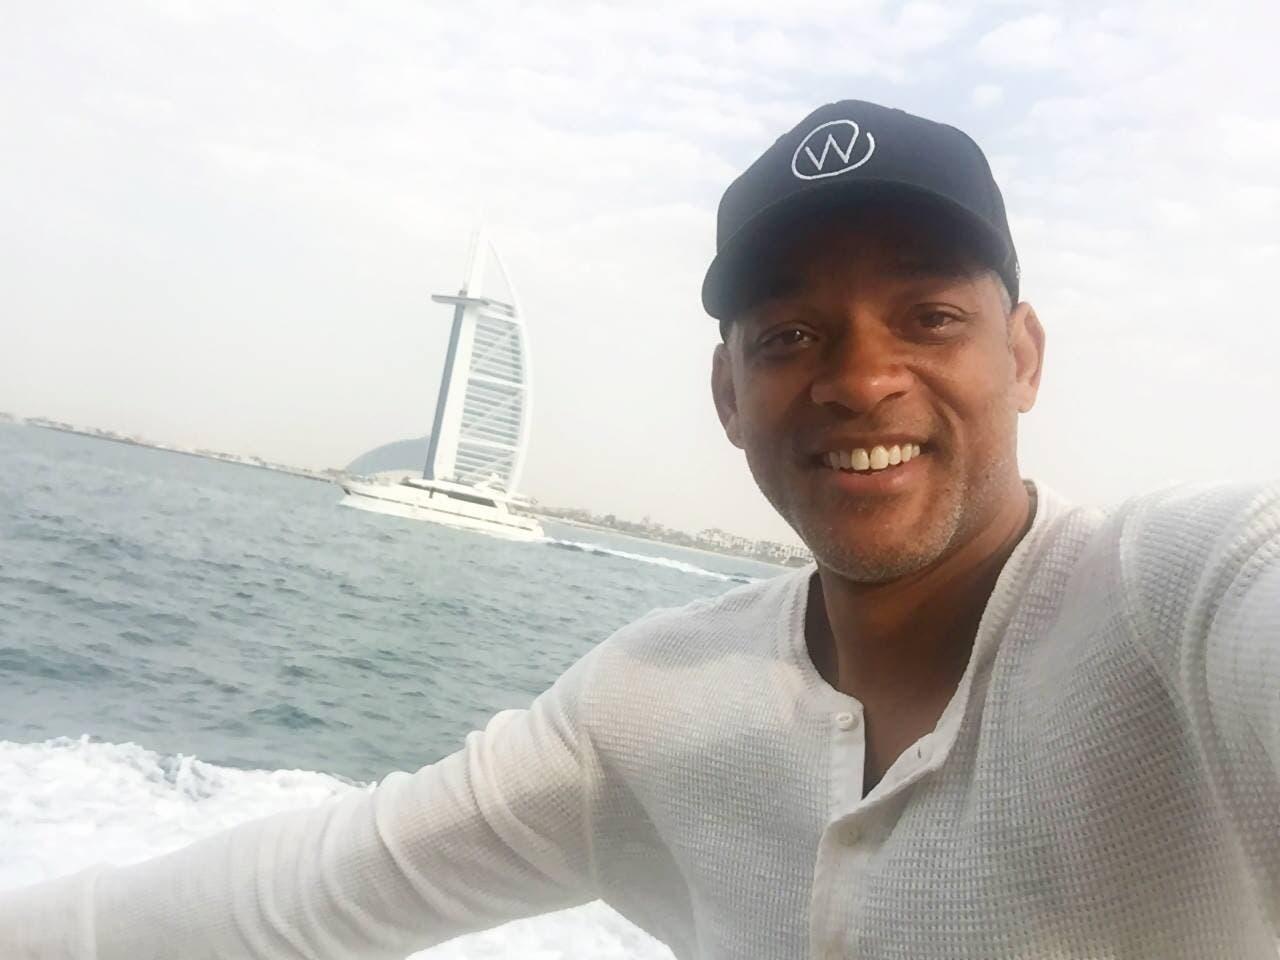 نتيجة بحث الصور عن Will Smith + Dubai